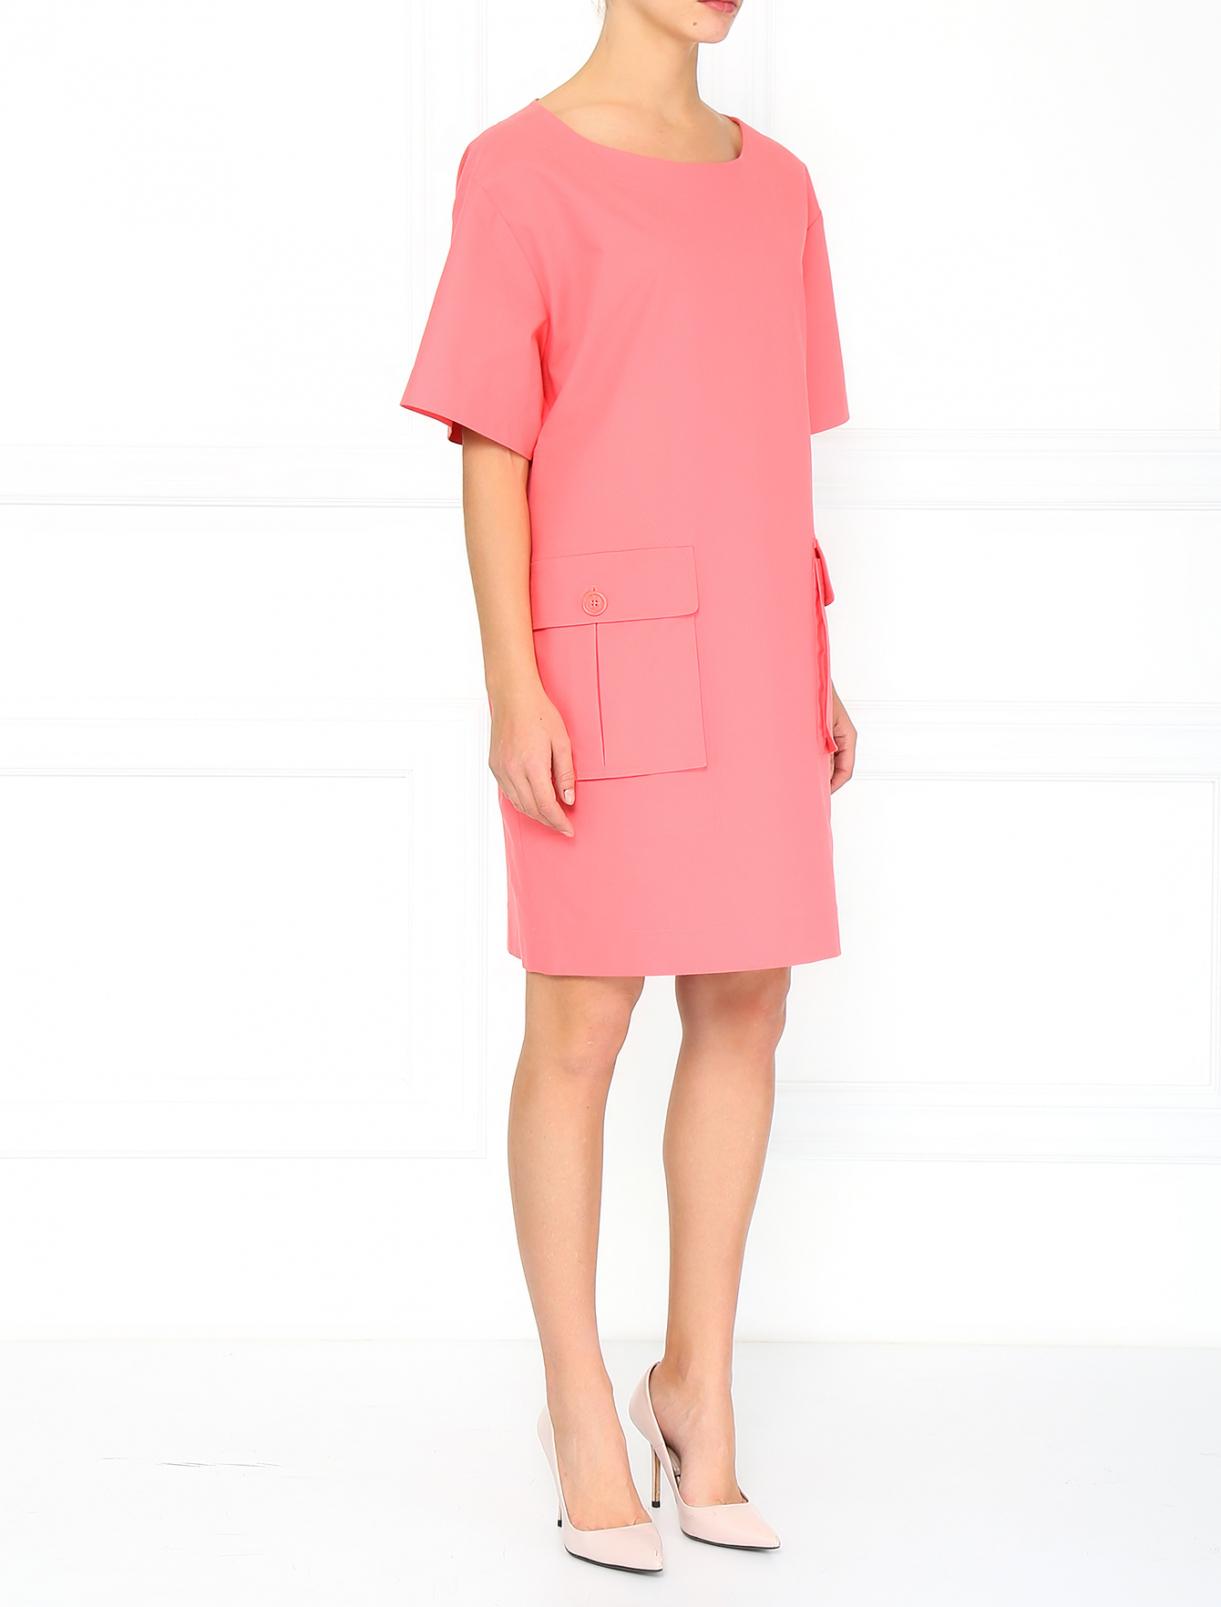 Хлопковое платье с накладными карманами Moschino  –  Модель Общий вид  – Цвет:  Красный